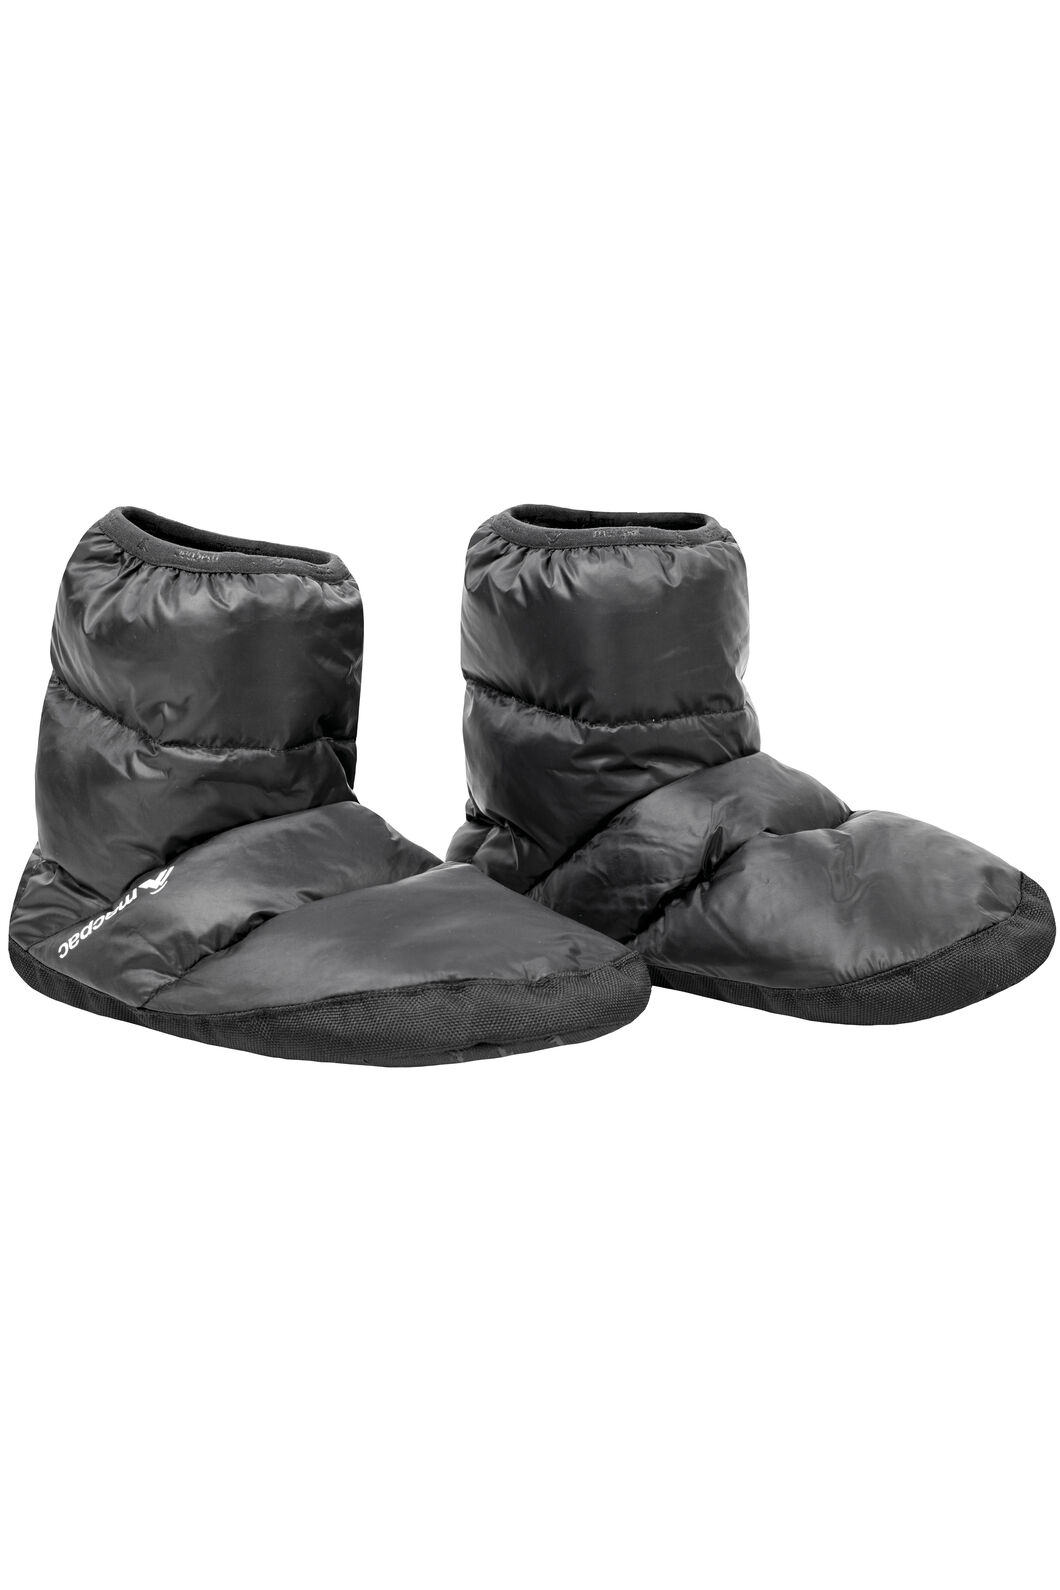 Macpac Down Booties, Black, hi-res